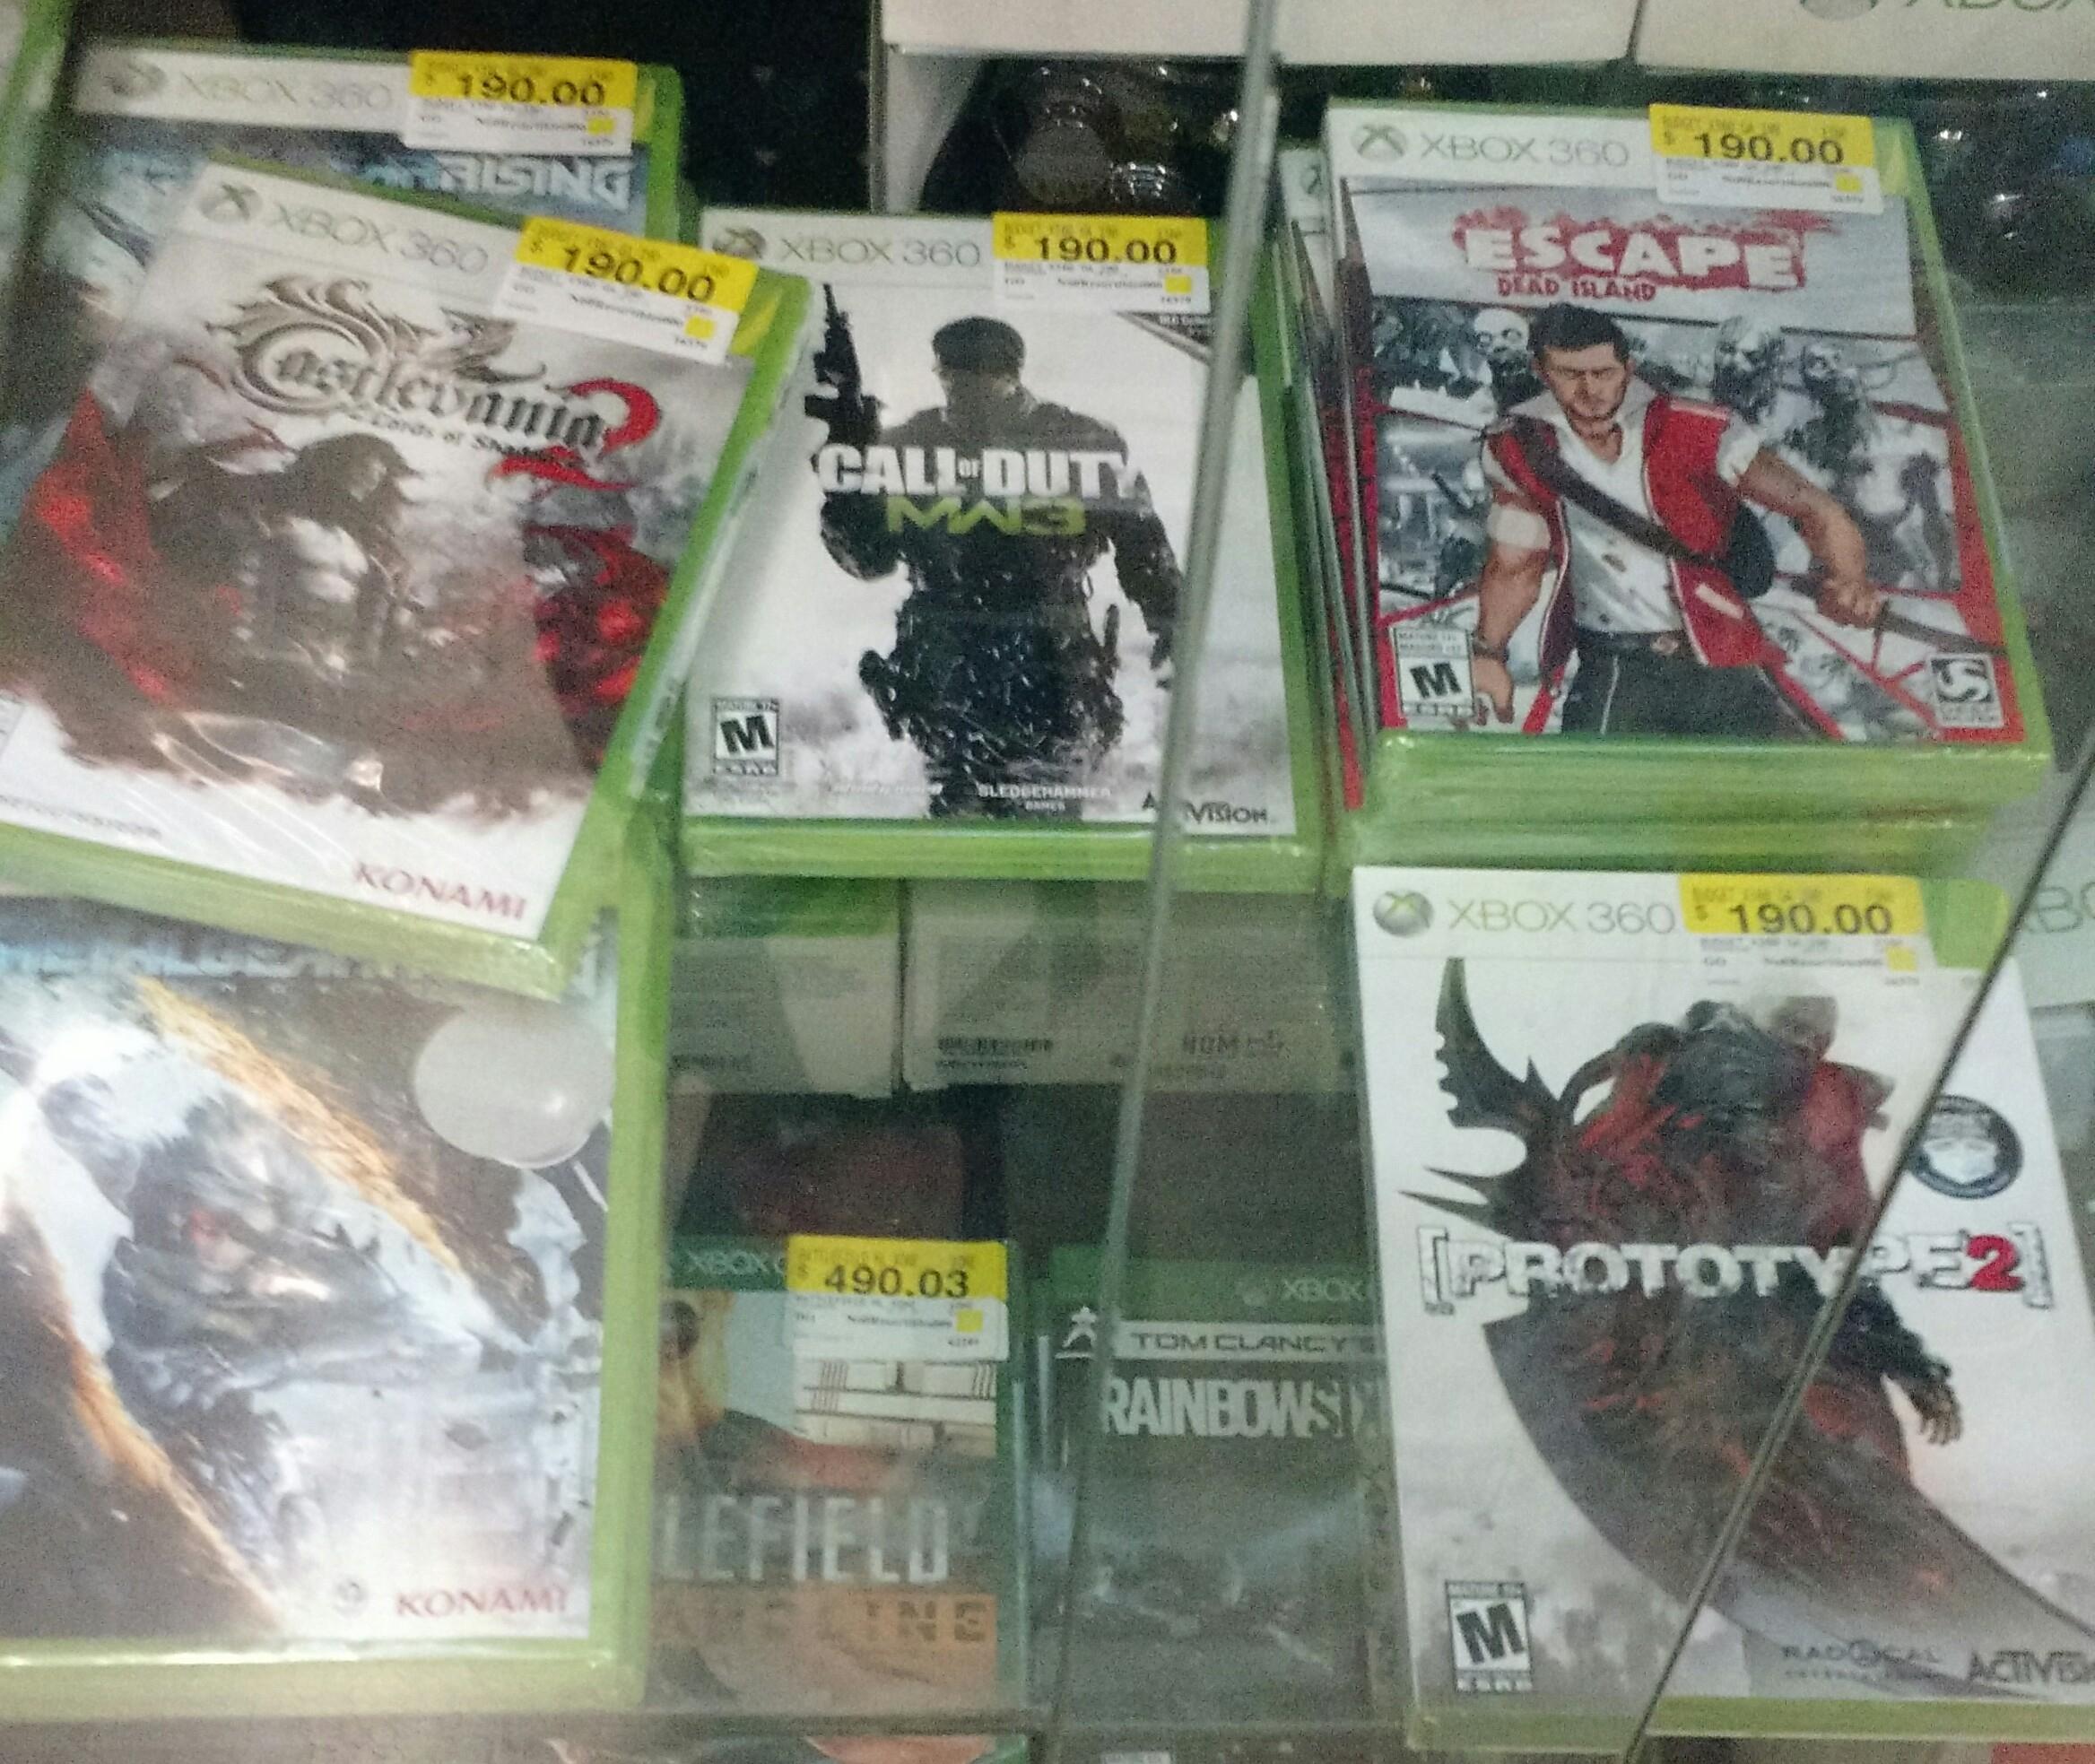 Bodega Aurrerá: Juegos para Xbox 360 varios títulos desde $190, Proyector Star View a $1,990